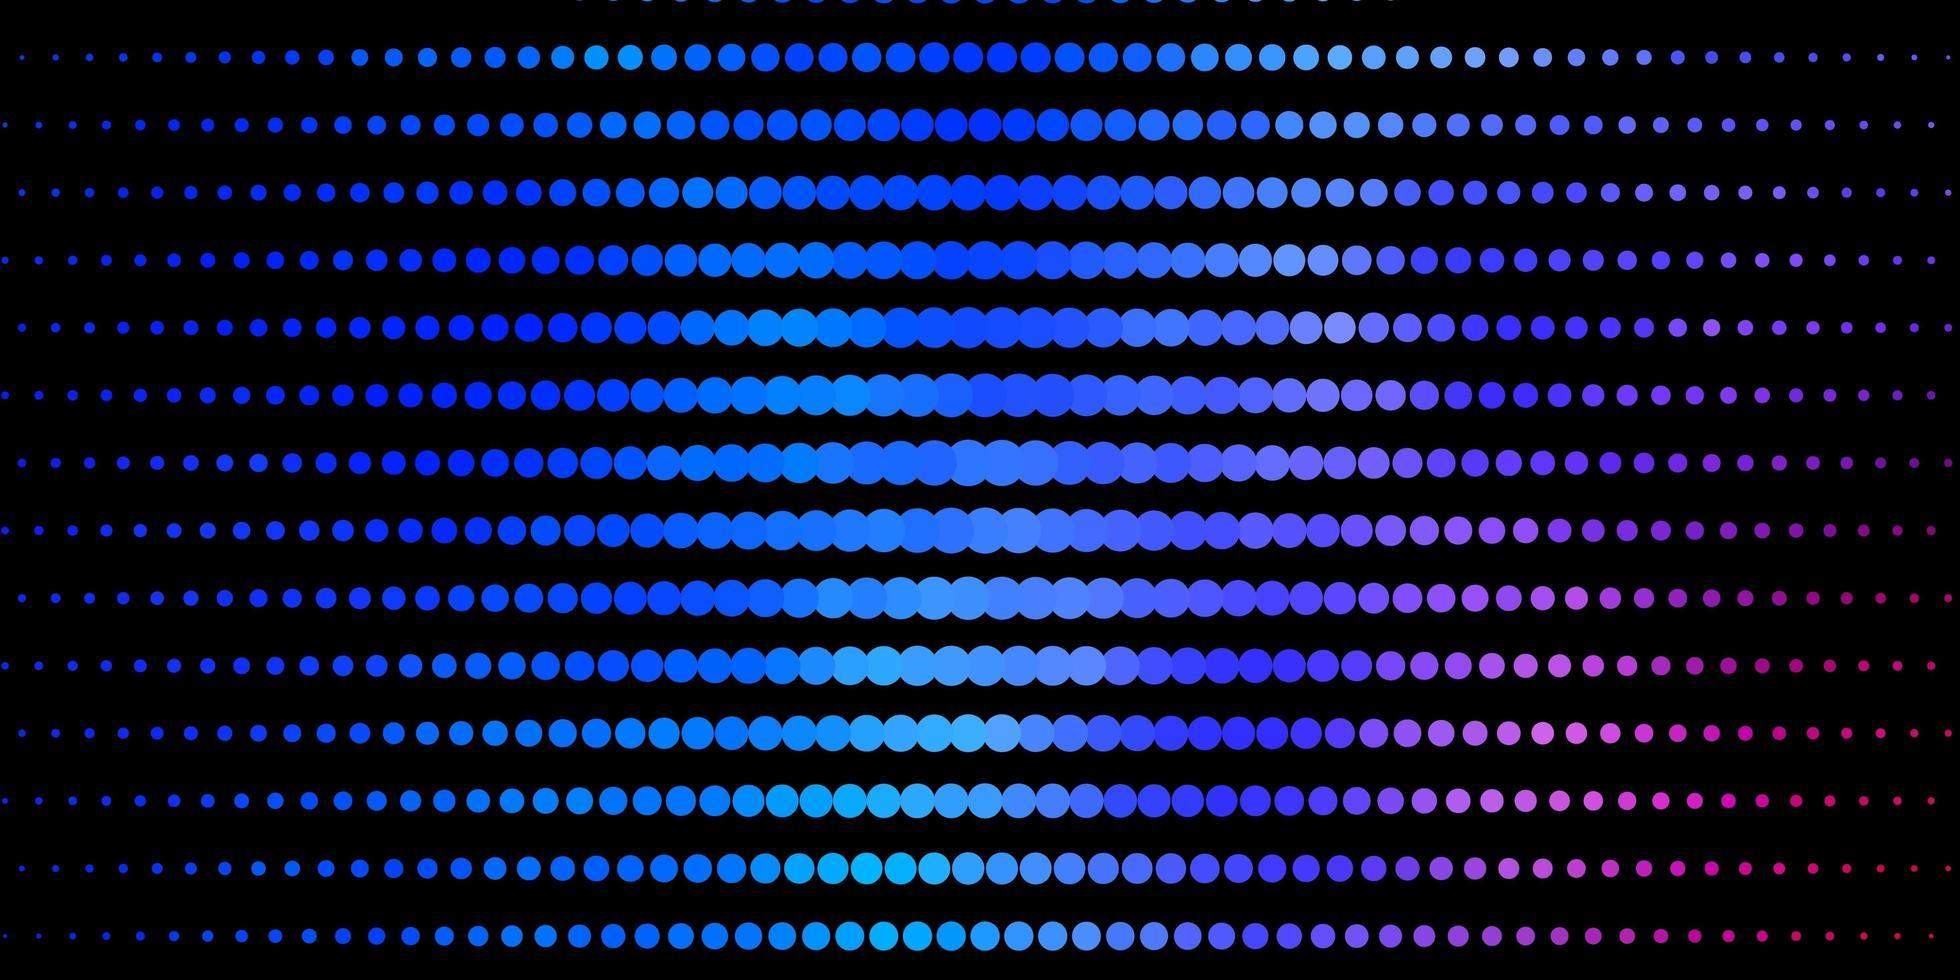 texture de vecteur bleu foncé, rouge avec des disques.